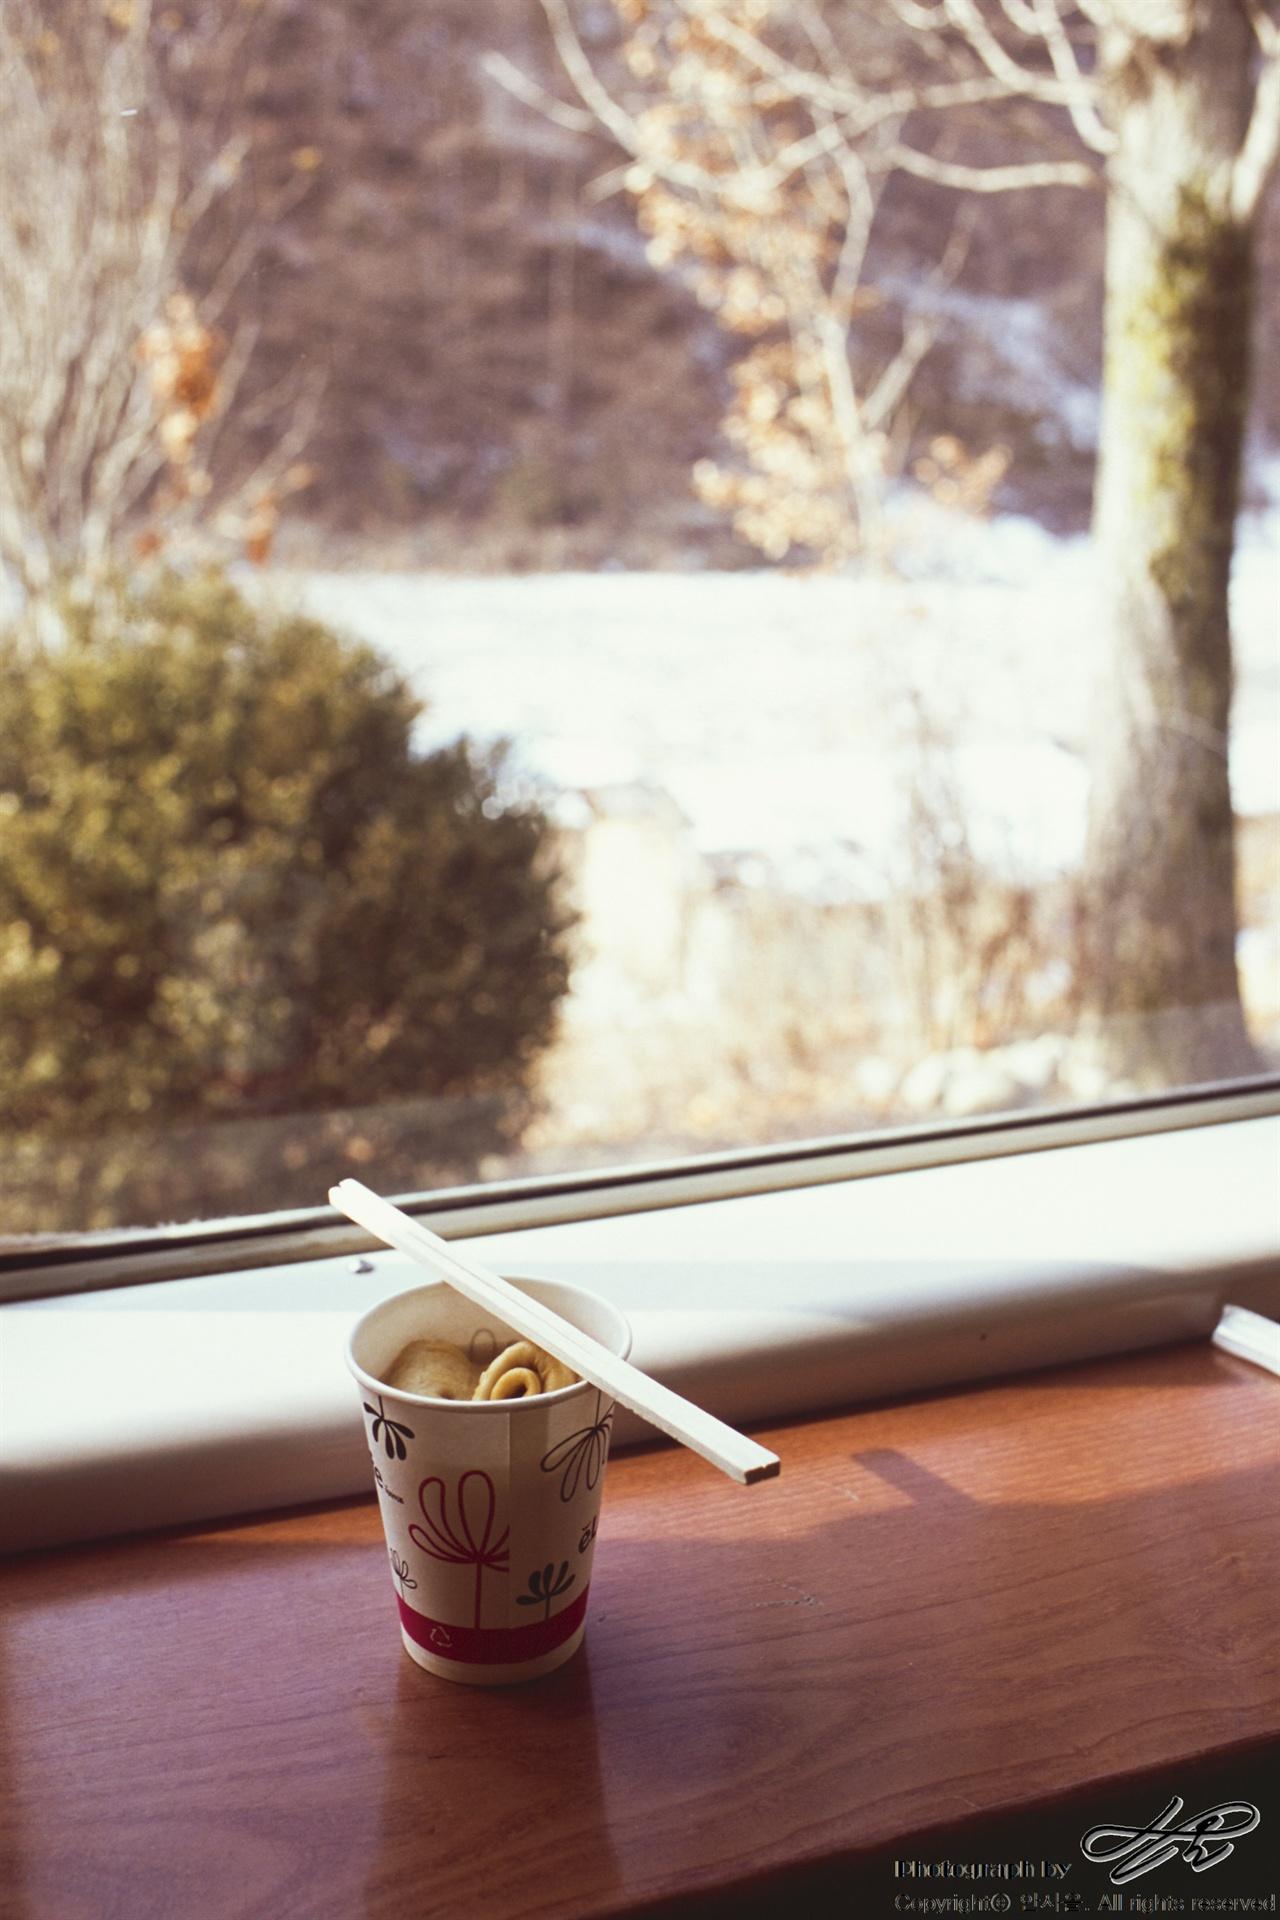 어묵 한 꼬치 종이컵을 가득 채울 만큼의 어묵 한 꼬치. 국물도 참 맛있었다.(CT100)